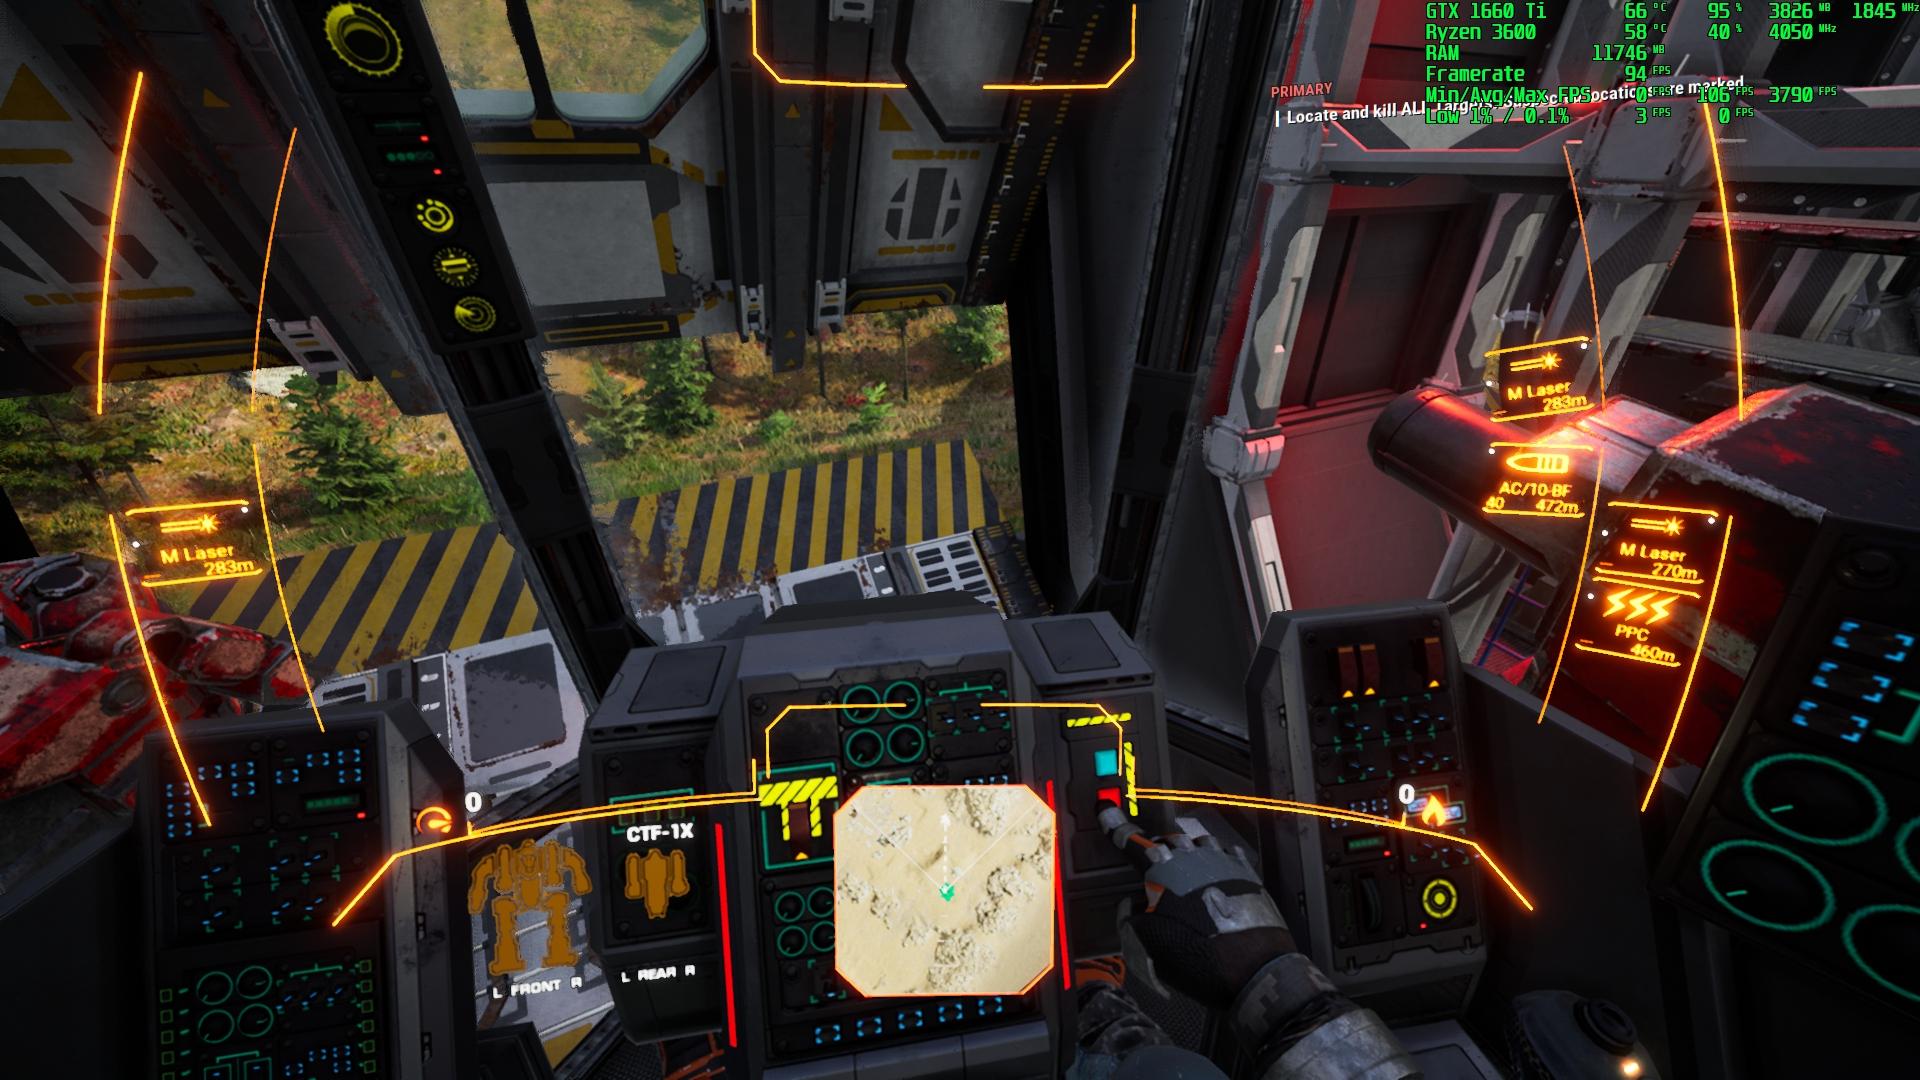 MechWarrior-Win64-Shipping_2020_05_16_00_51_50_711.jpg